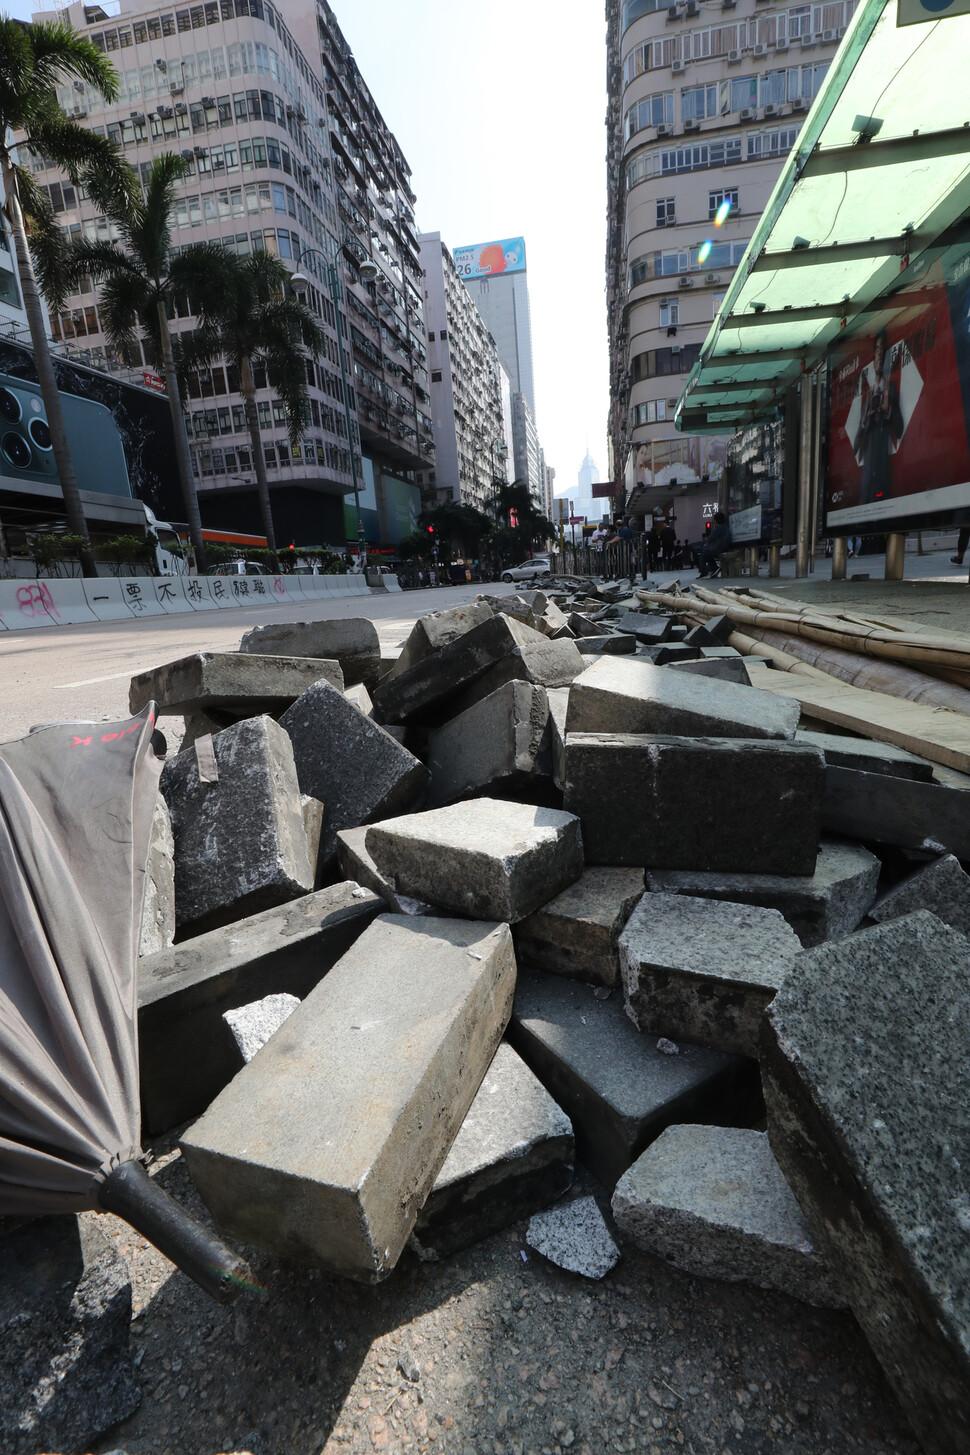 지난 24일 오후 홍콩 침사추이 중심 도로에 경찰의 기습 체포 작전을 저지하기 위해 사용했던 벽돌이 한쪽에 쌓여 있다.